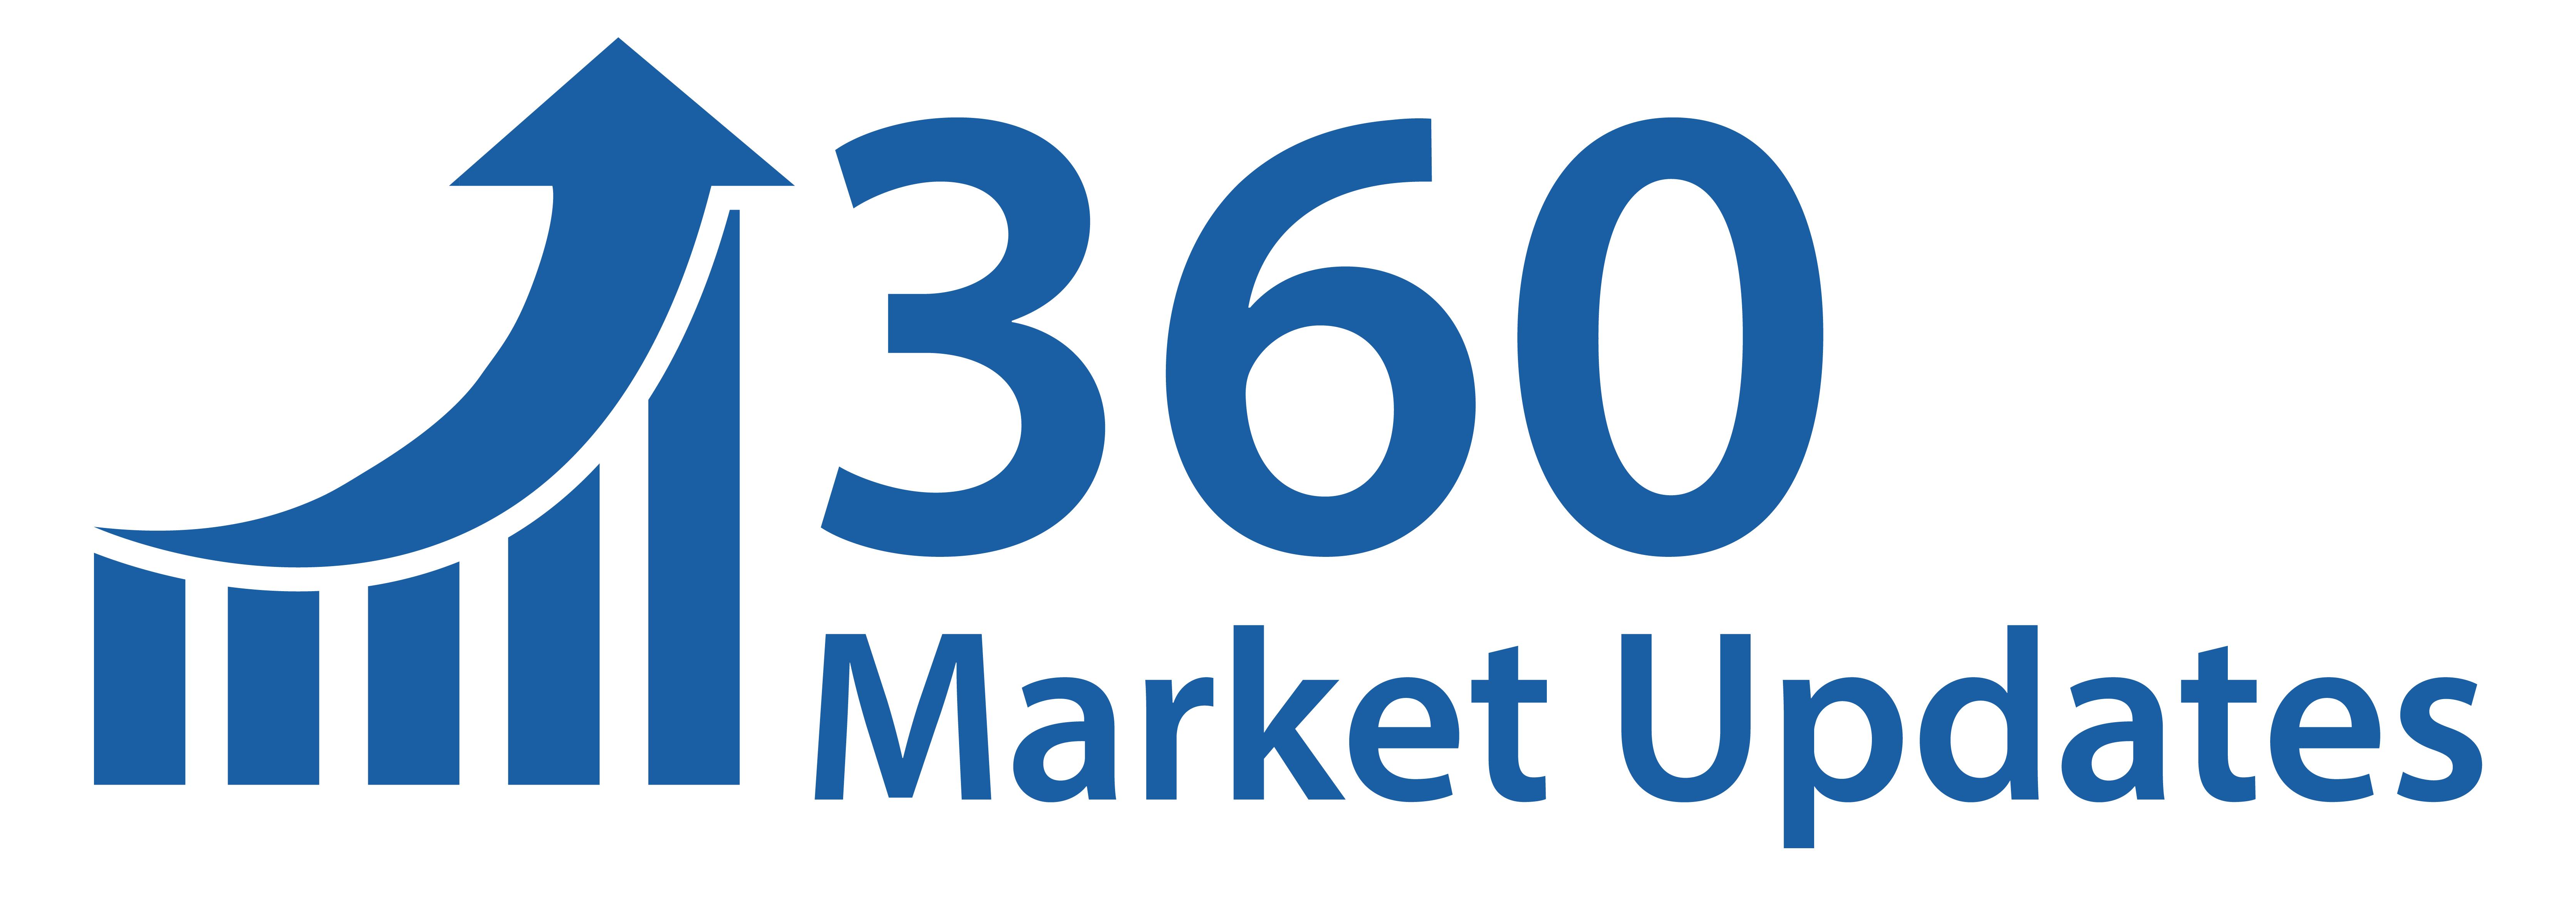 Thermisch leitfähiger Bandmarkt 2020 Global Leading Players, Branchen-Updates, zukünftiges Wachstum, Geschäftsaussichten, zukünftige Entwicklungen und zukünftige Investitionen bis 2025